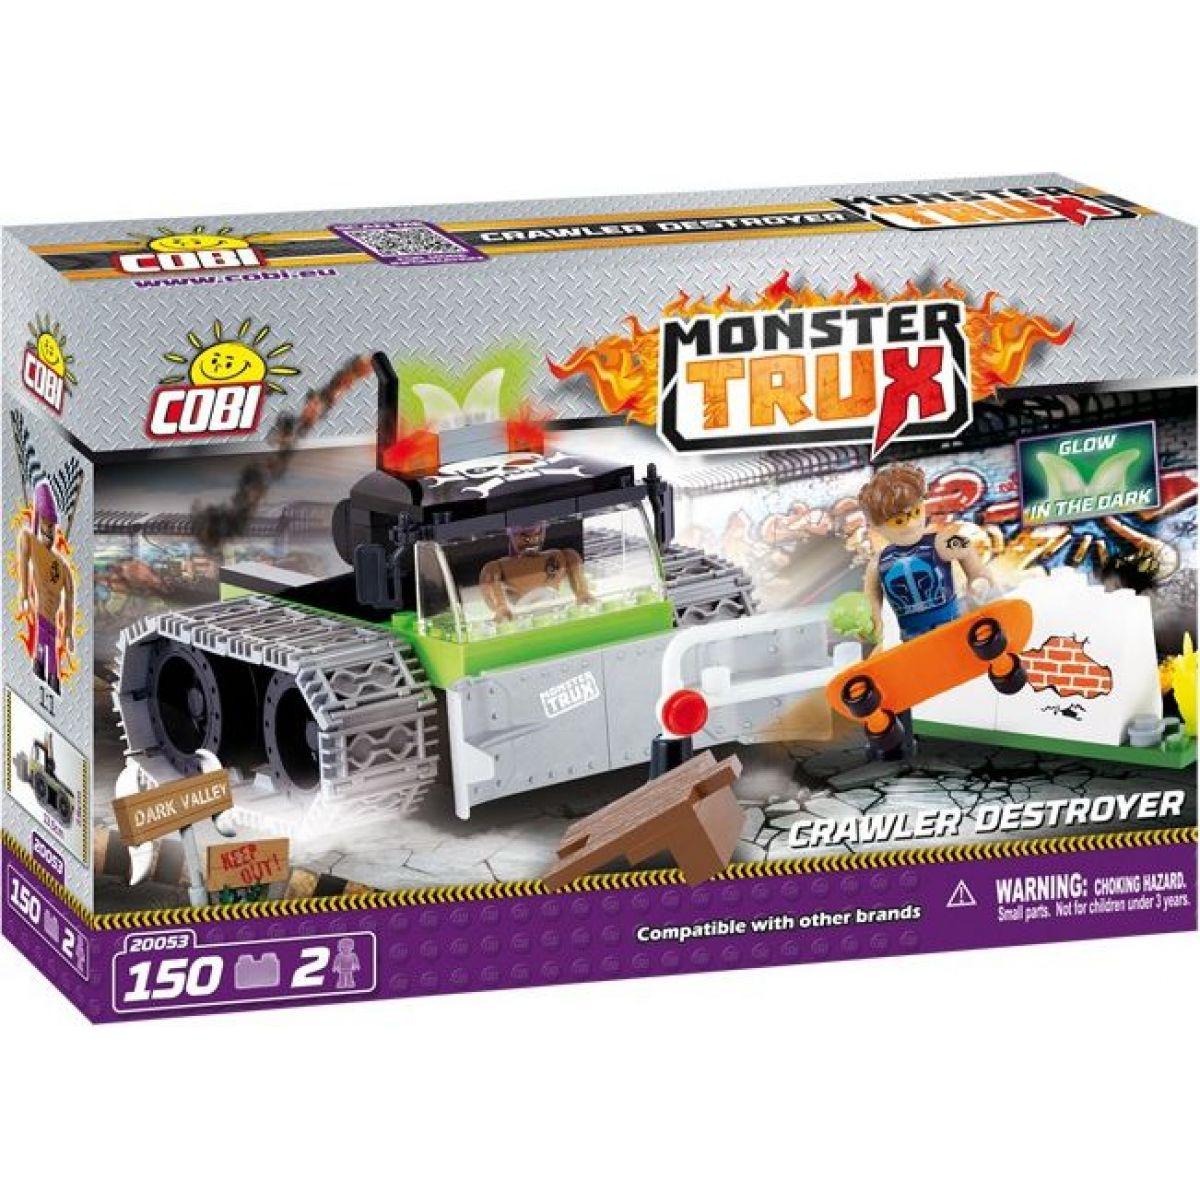 Cobi Monster Trux 150 k 20053 Crawler Destroyer